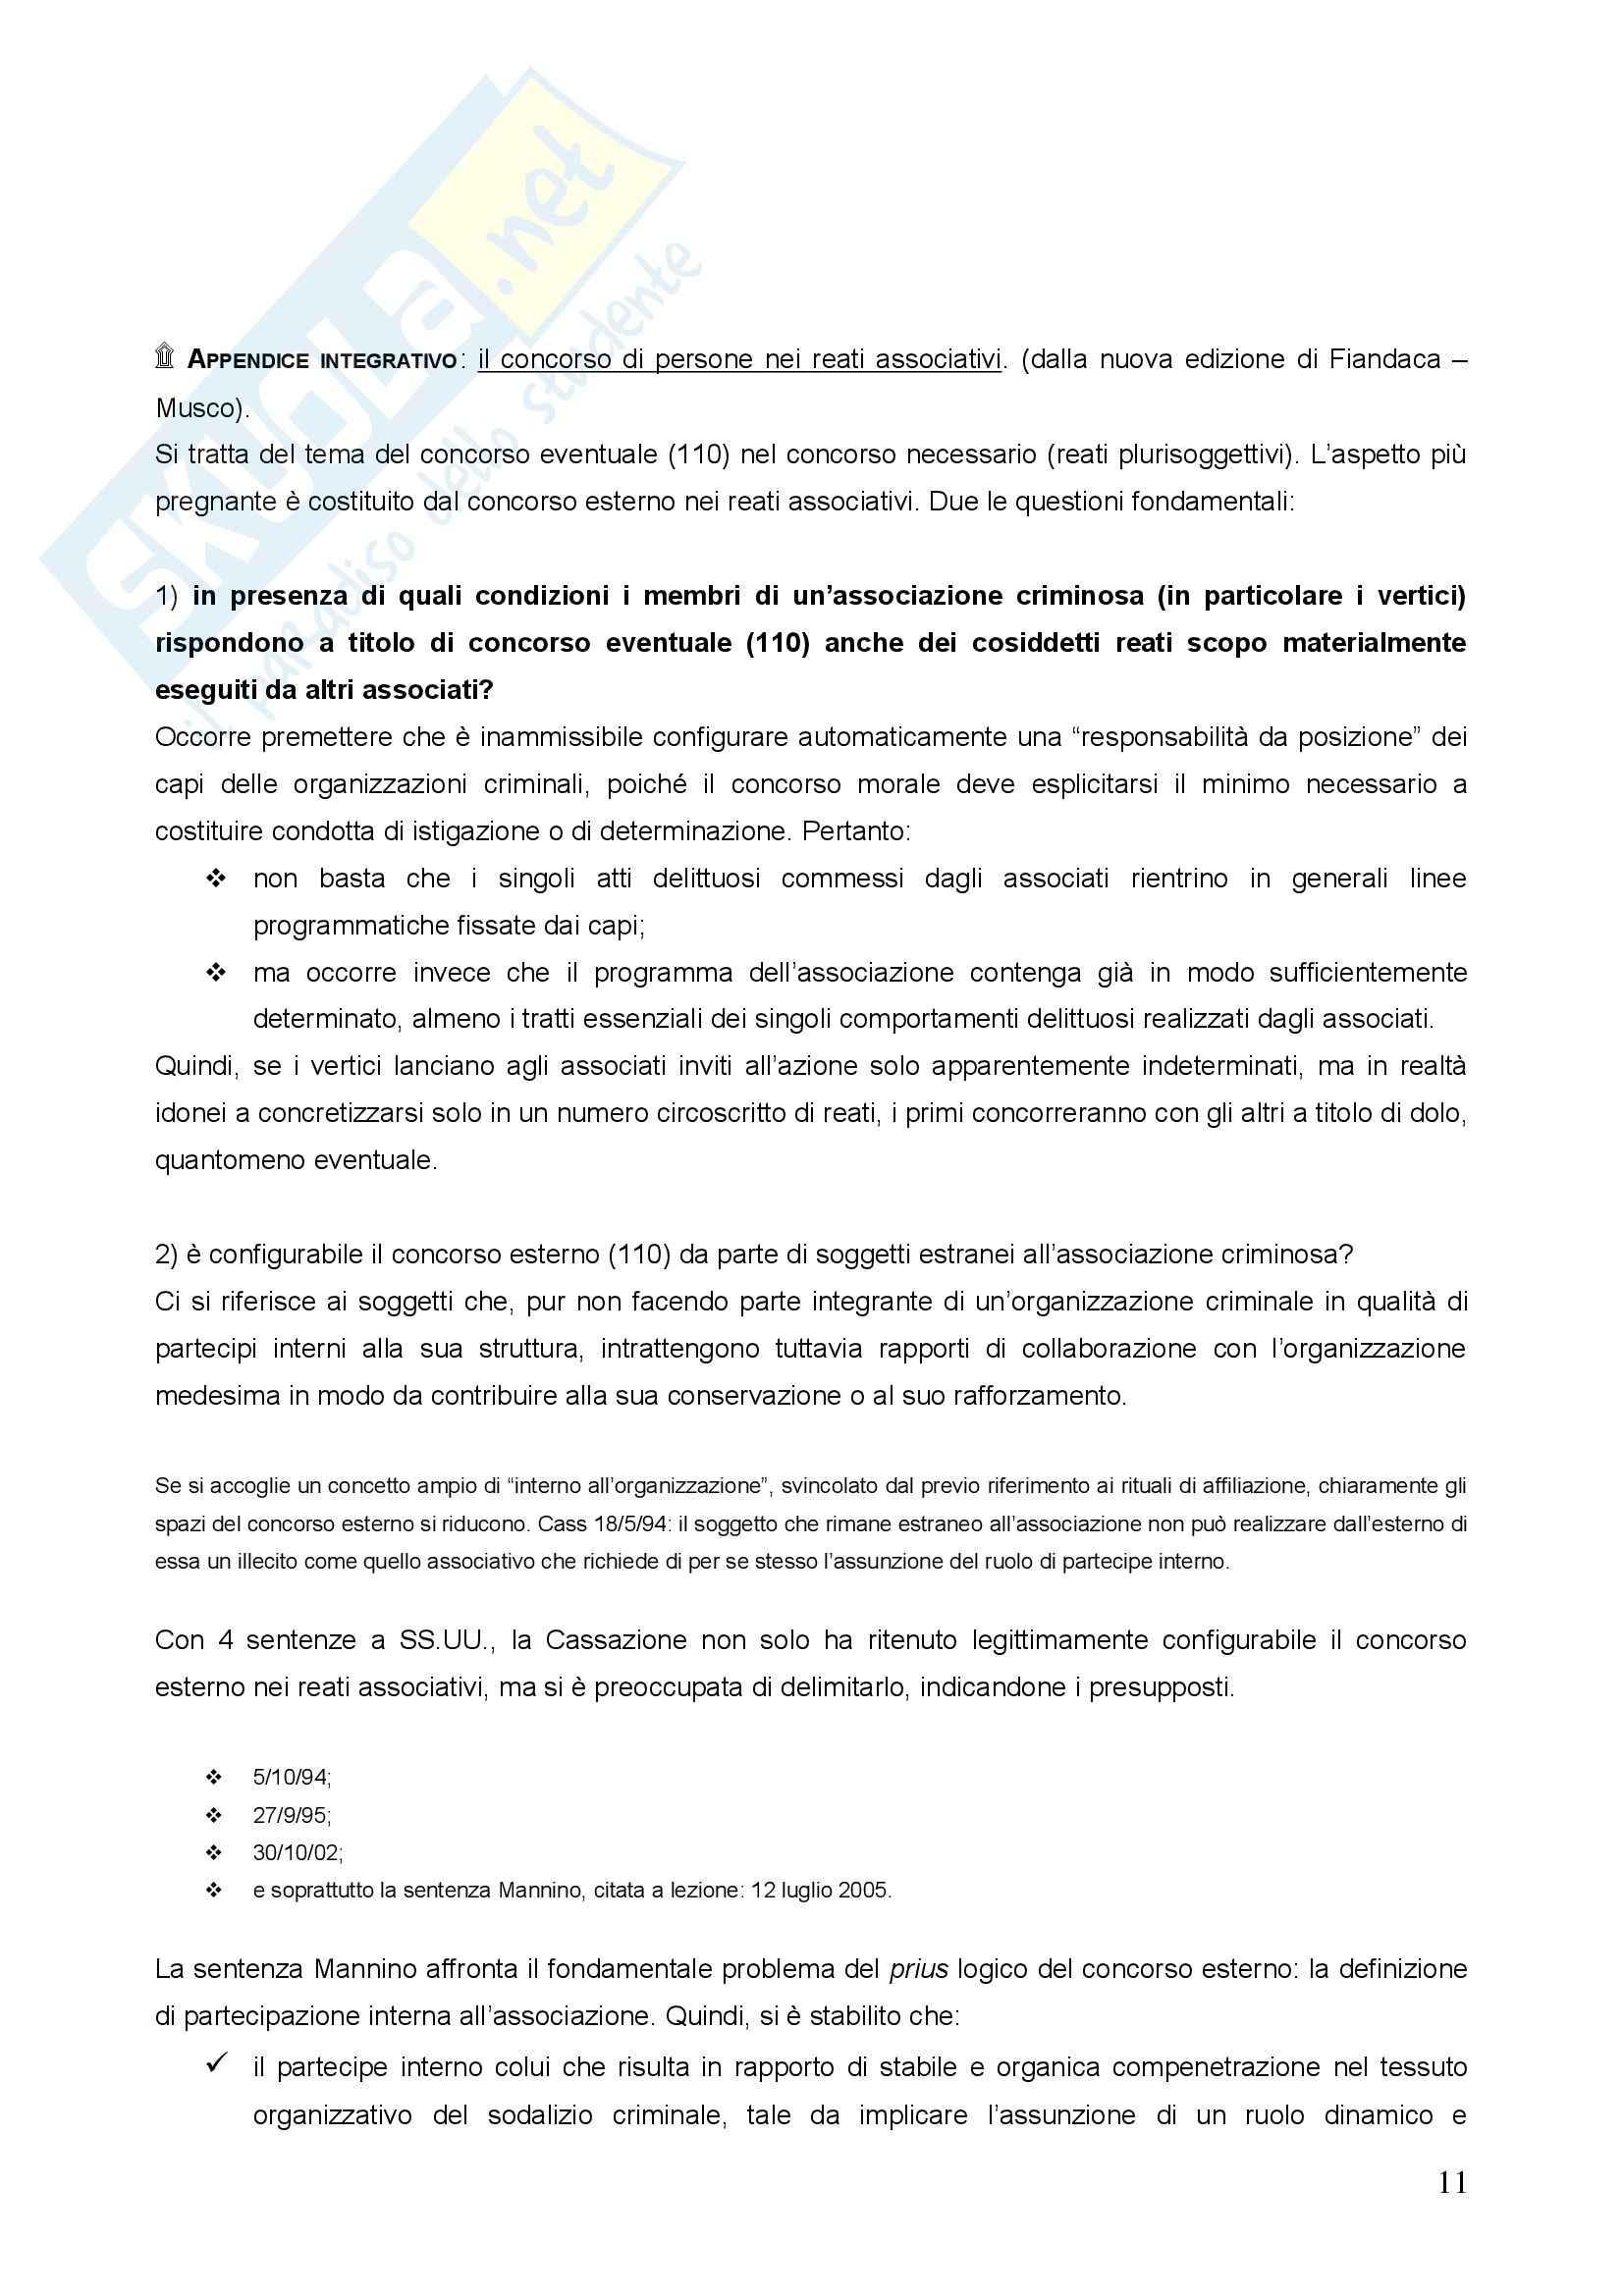 Diritto penale - concorso di persone nel reato Pag. 11